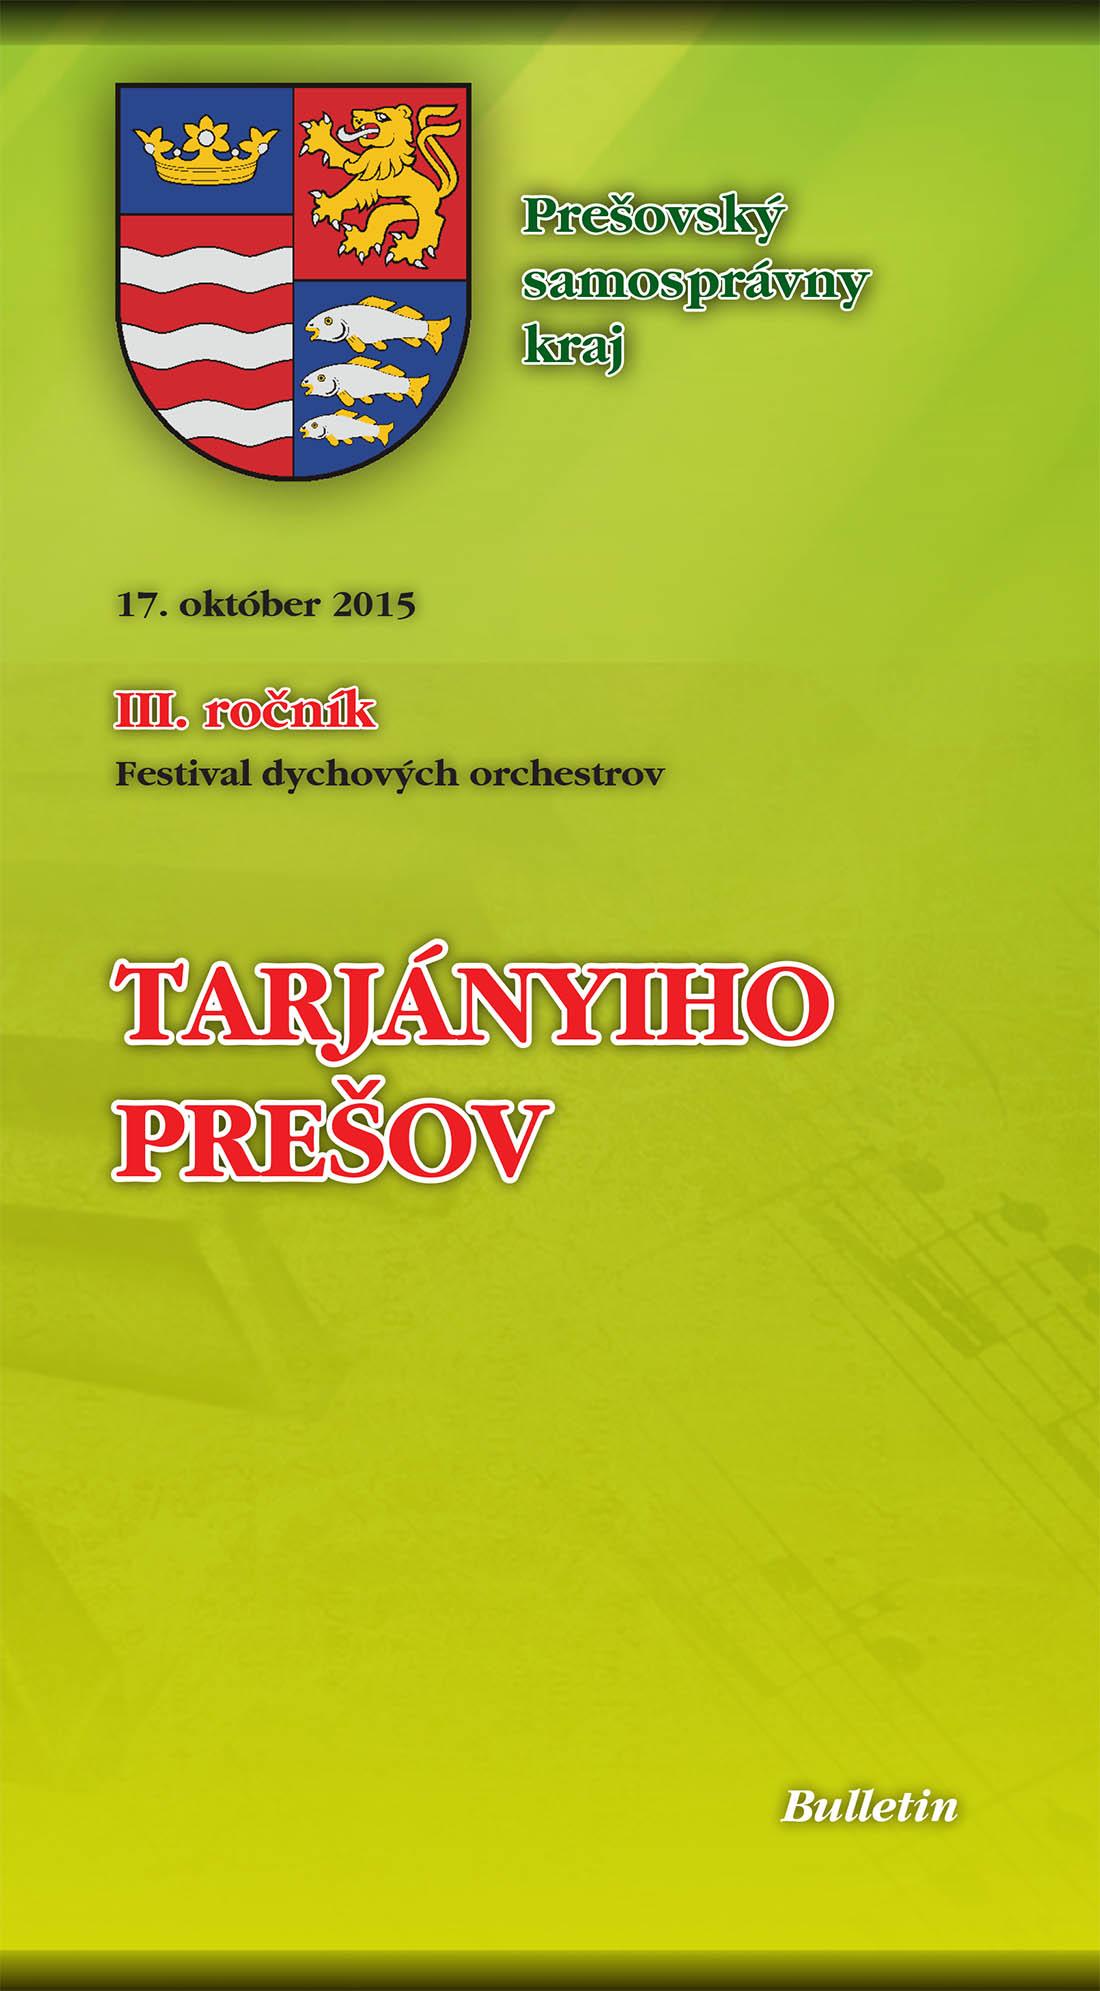 III. ročník Festival dychových orchestrov - úvod